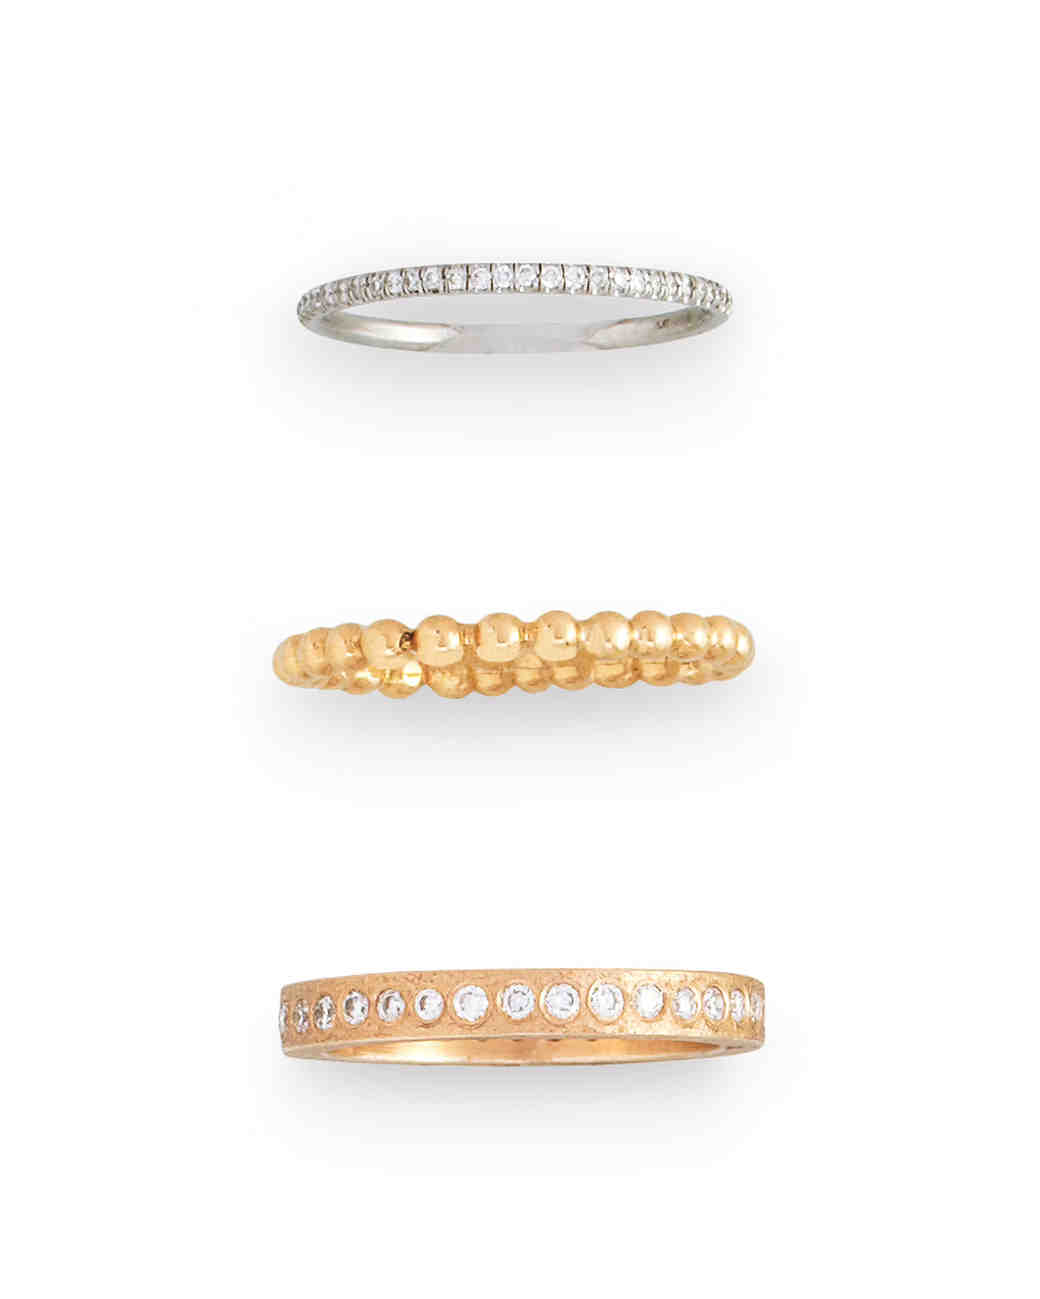 rings-1-mwd109728.jpg